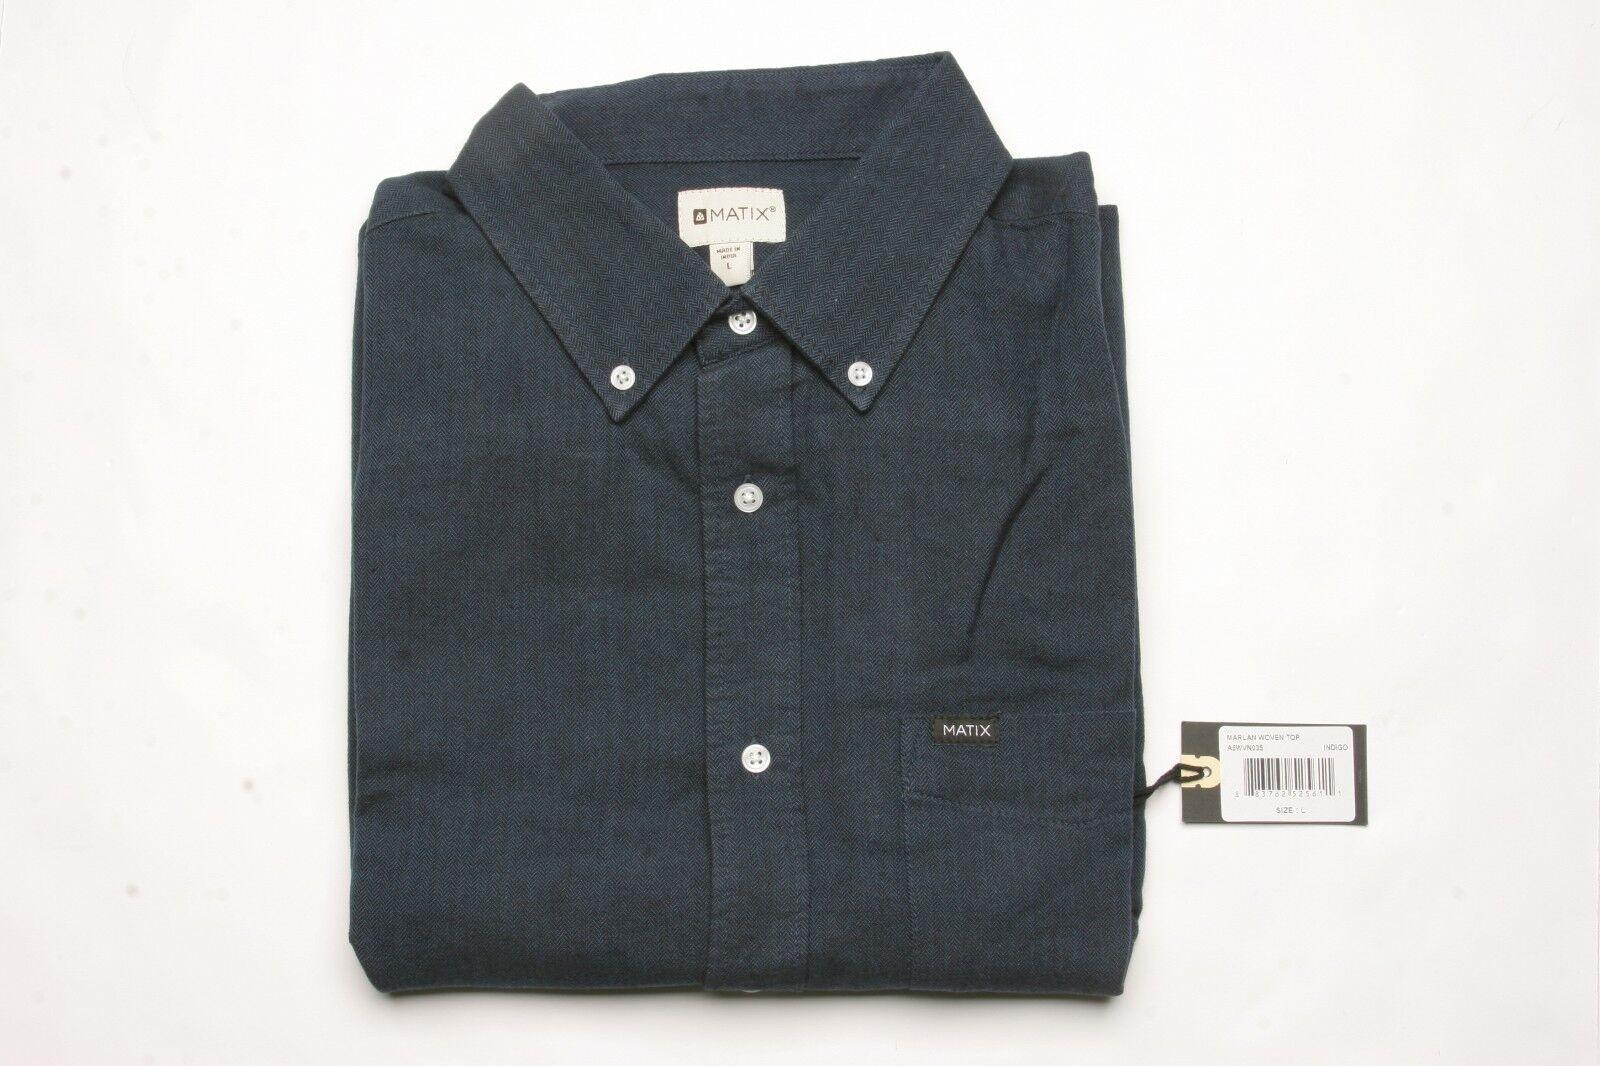 MATIX Marlan Woven Shirt (L) Indigo